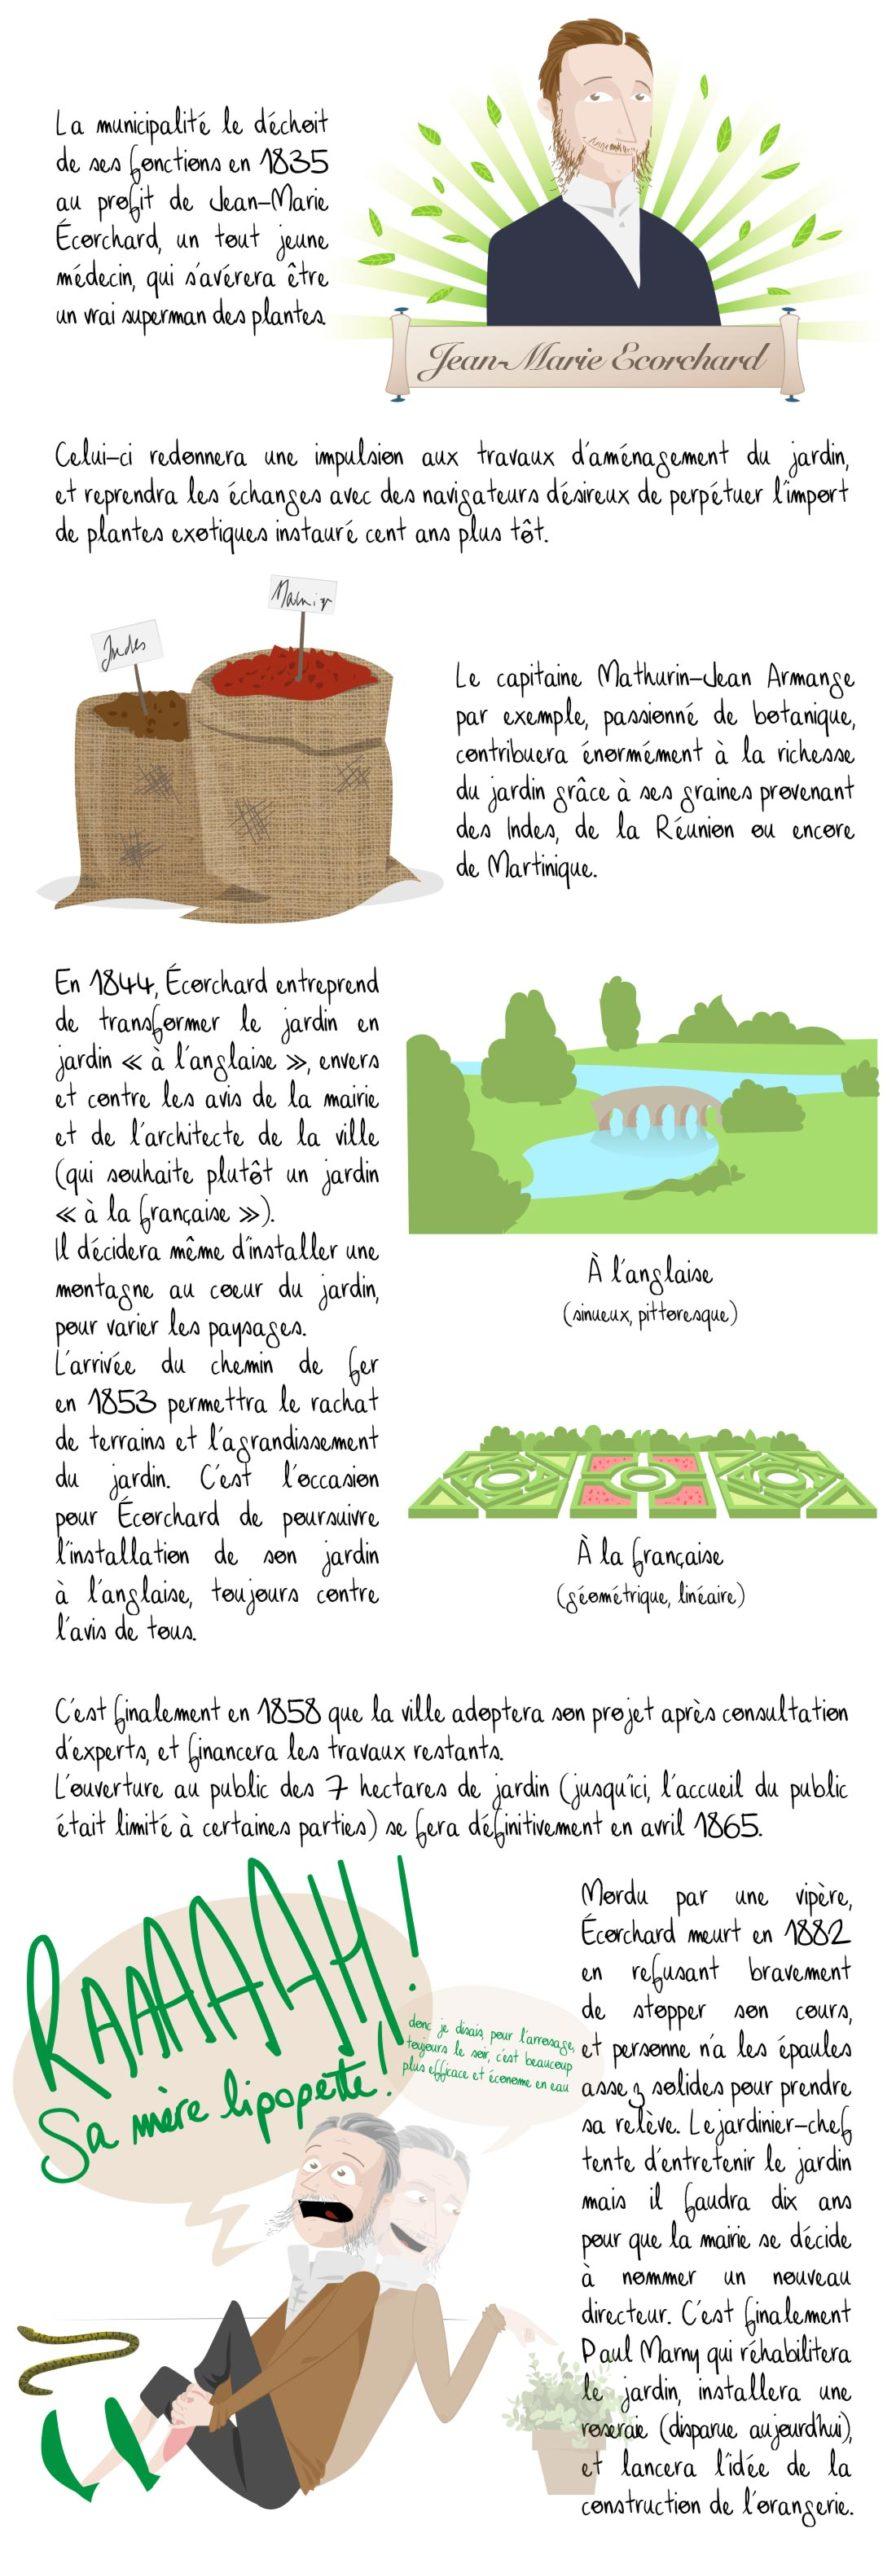 Histoire du jardin des plantes de Nantes, partie 3